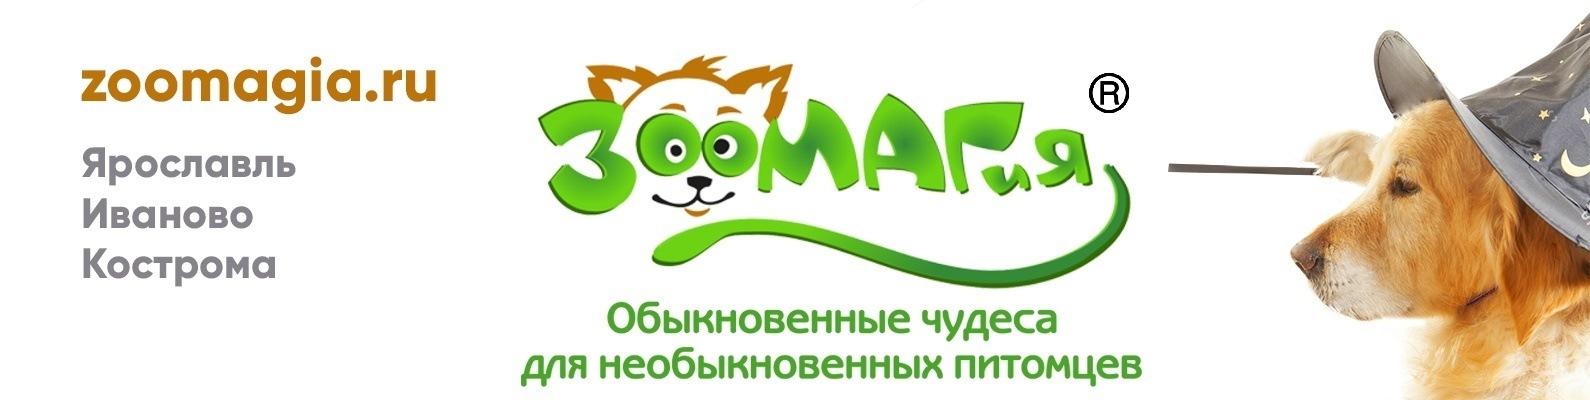 Интернет Магазин Ярославль Животных